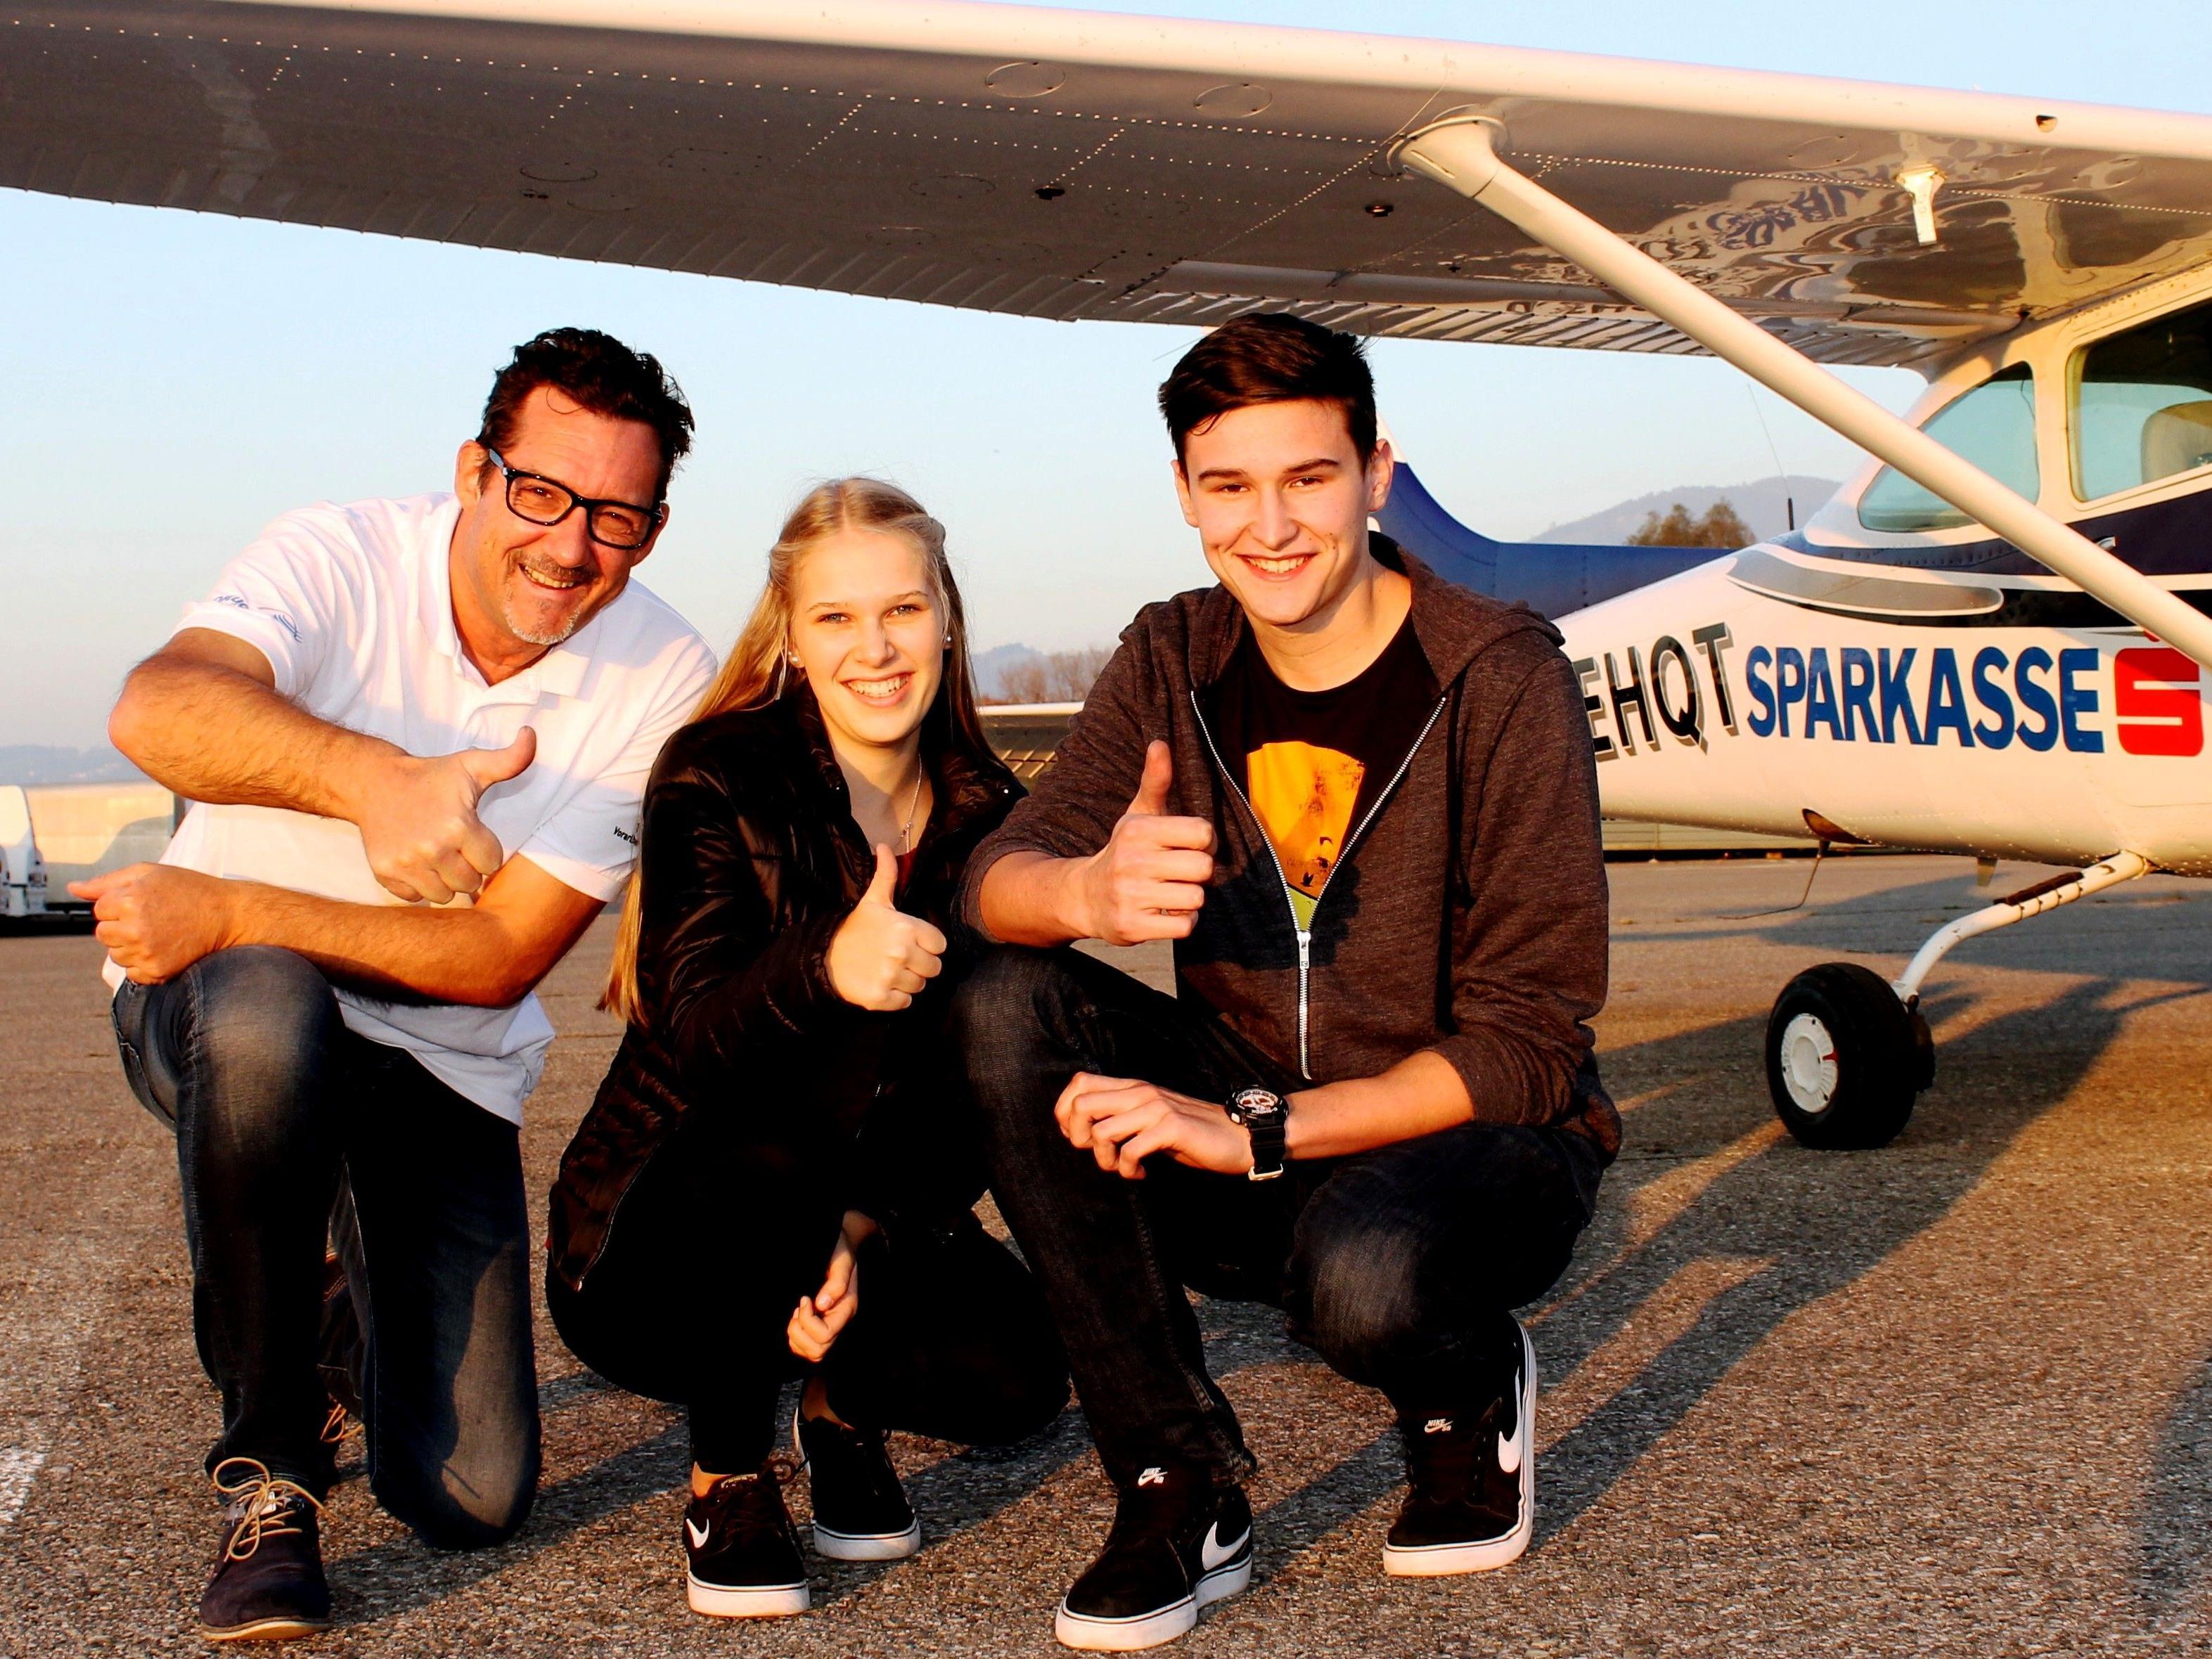 Jasmin Kühn und Fabian Elsensohn durften mit dem Rundflugteam Flugplatz Hohenems zu einem erlebnisreichen Rundflug abheben